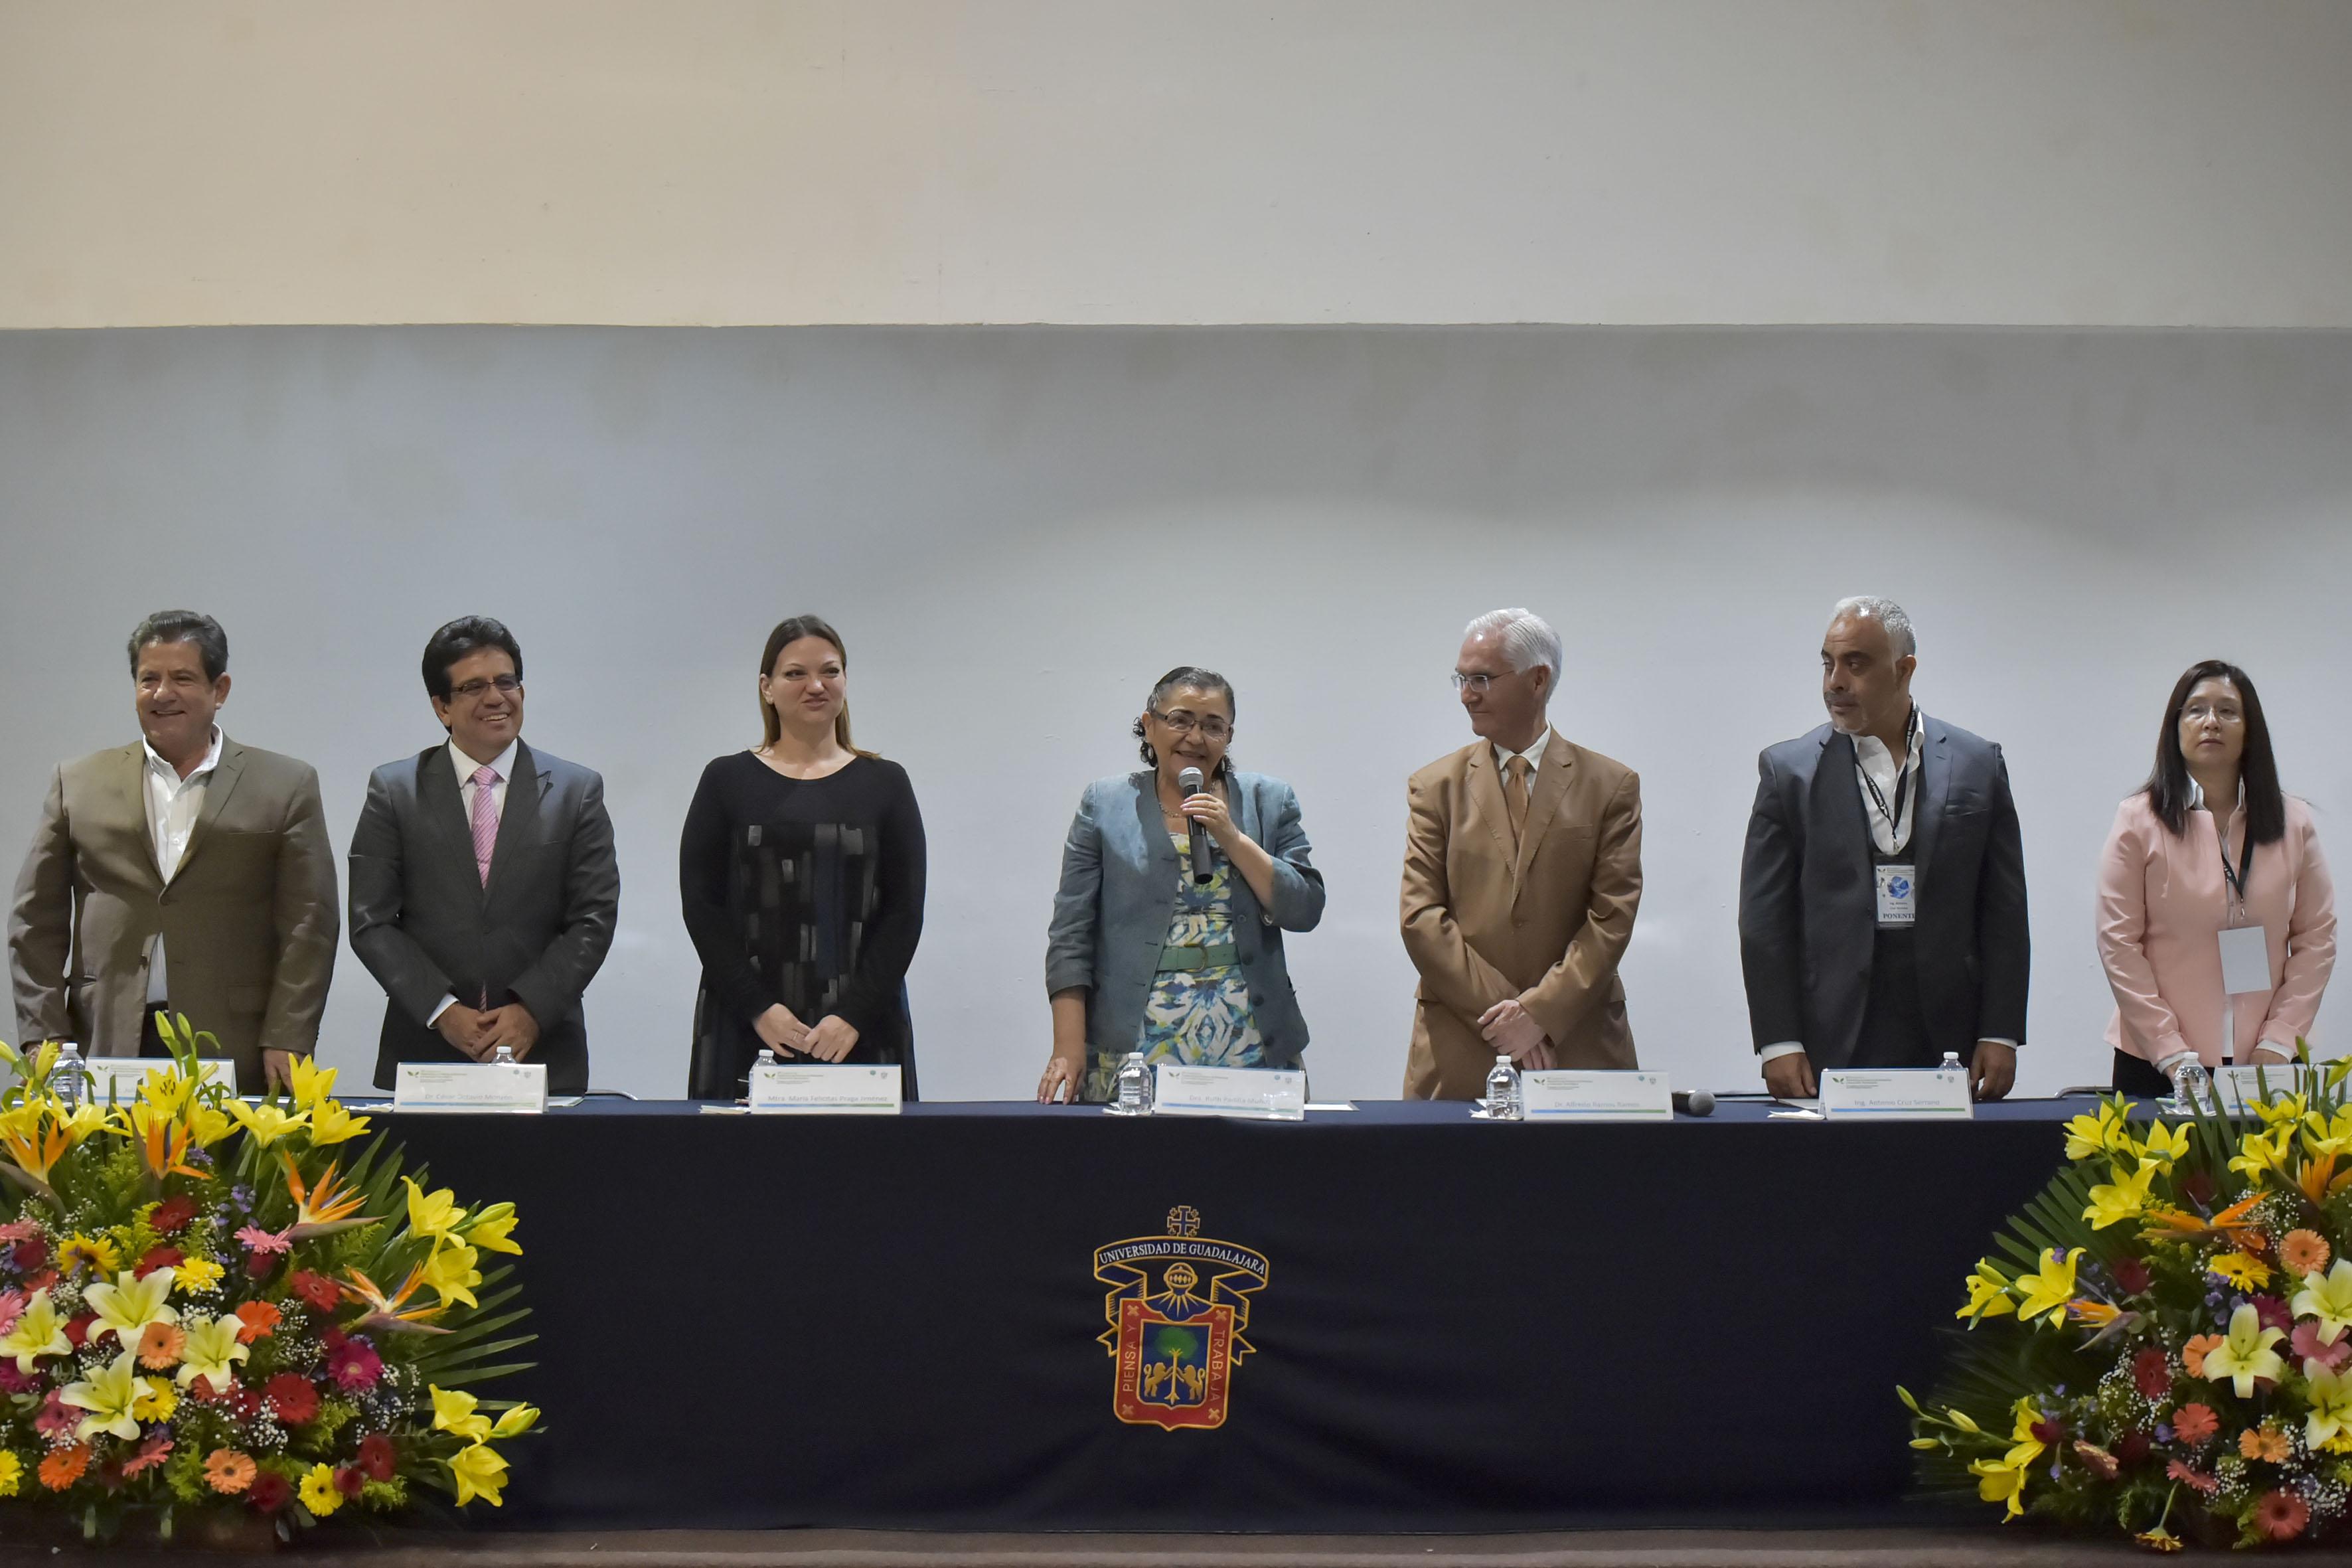 Rectora del Centro Universitario de Ciencias Exactas e Ingenierías, doctora Ruth Padilla Muñoz, haciendo uso de la palabra en acto inagural del Congreso sobre tendencias en alimentos y tecnología.